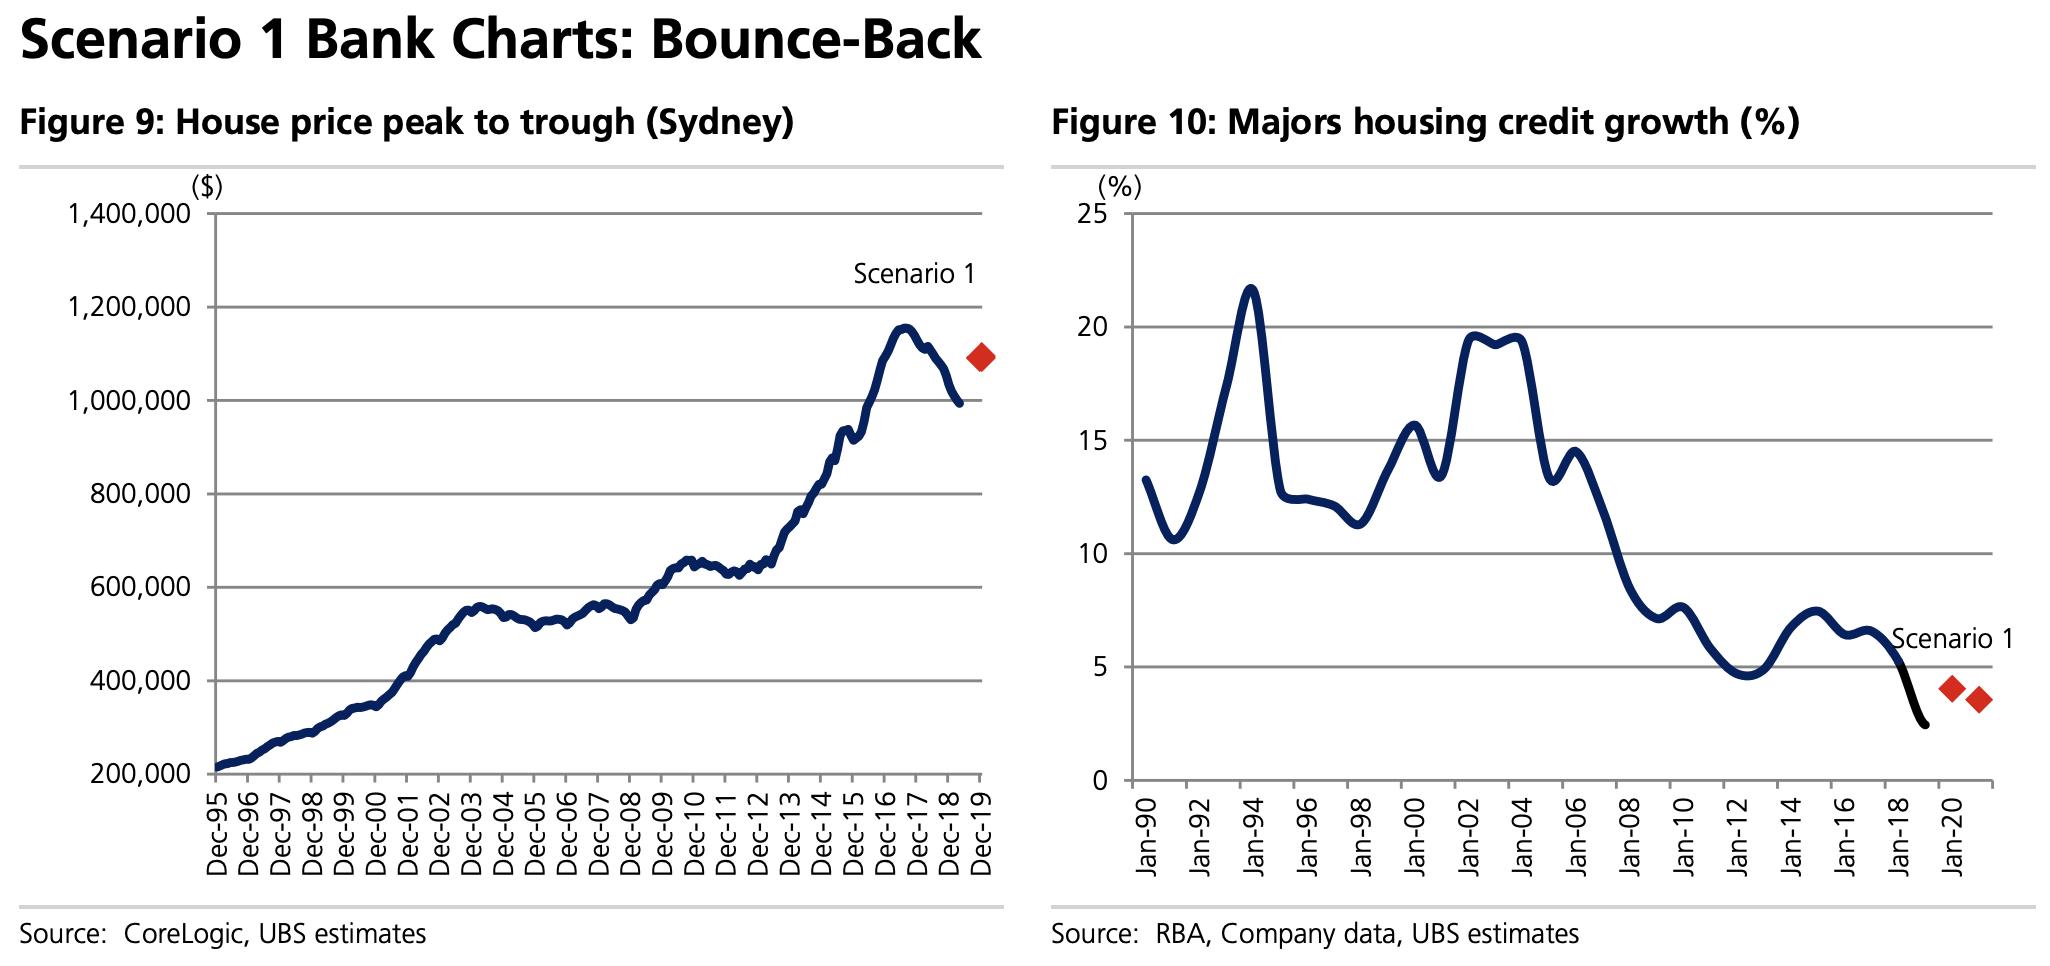 ▲ UBS estimates, scenarios only.